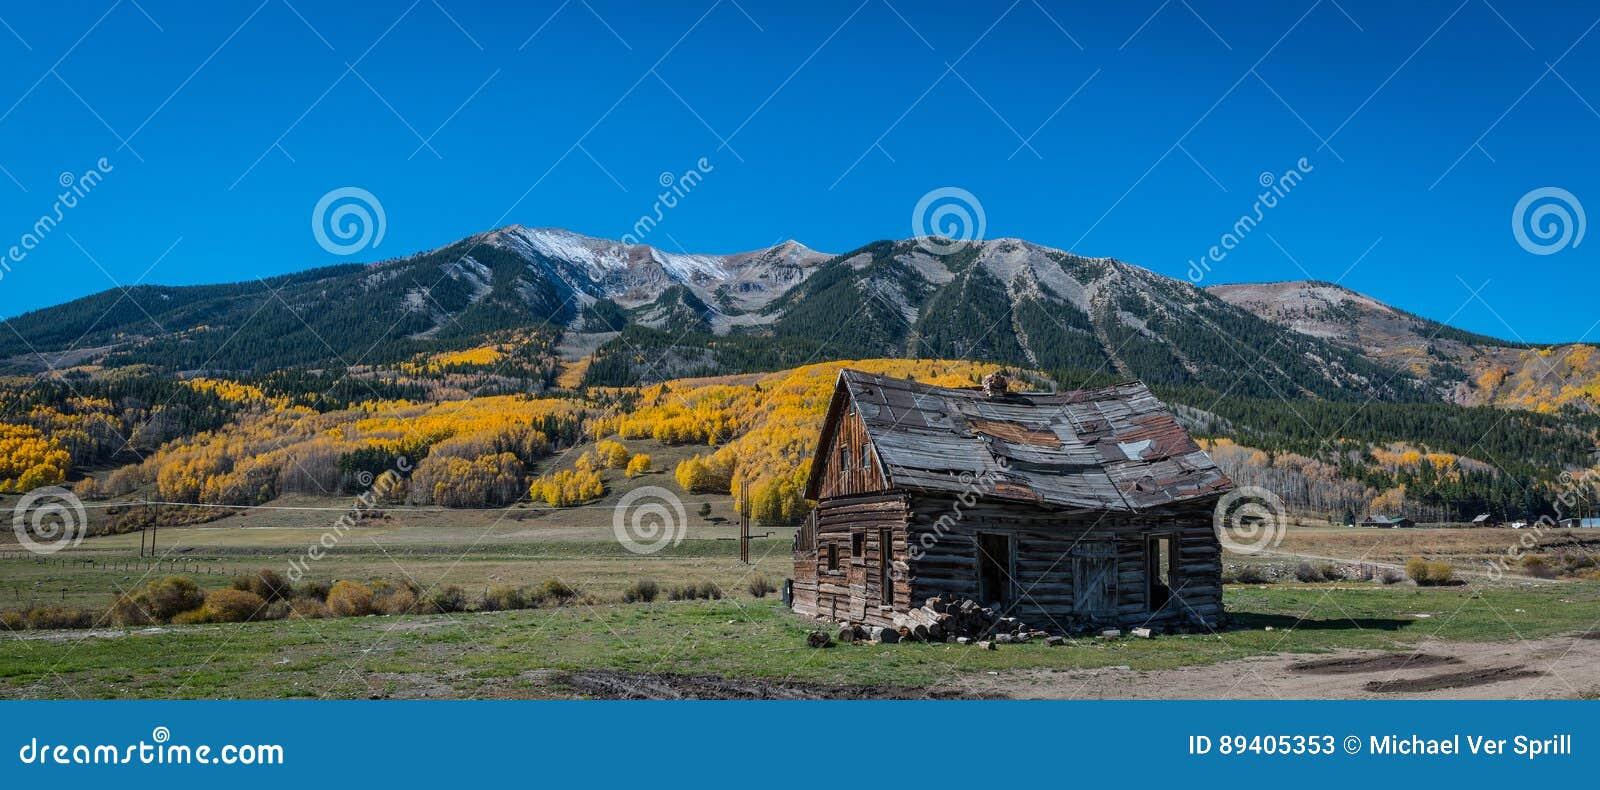 Cabine abandonada em Gunnison County Colorado